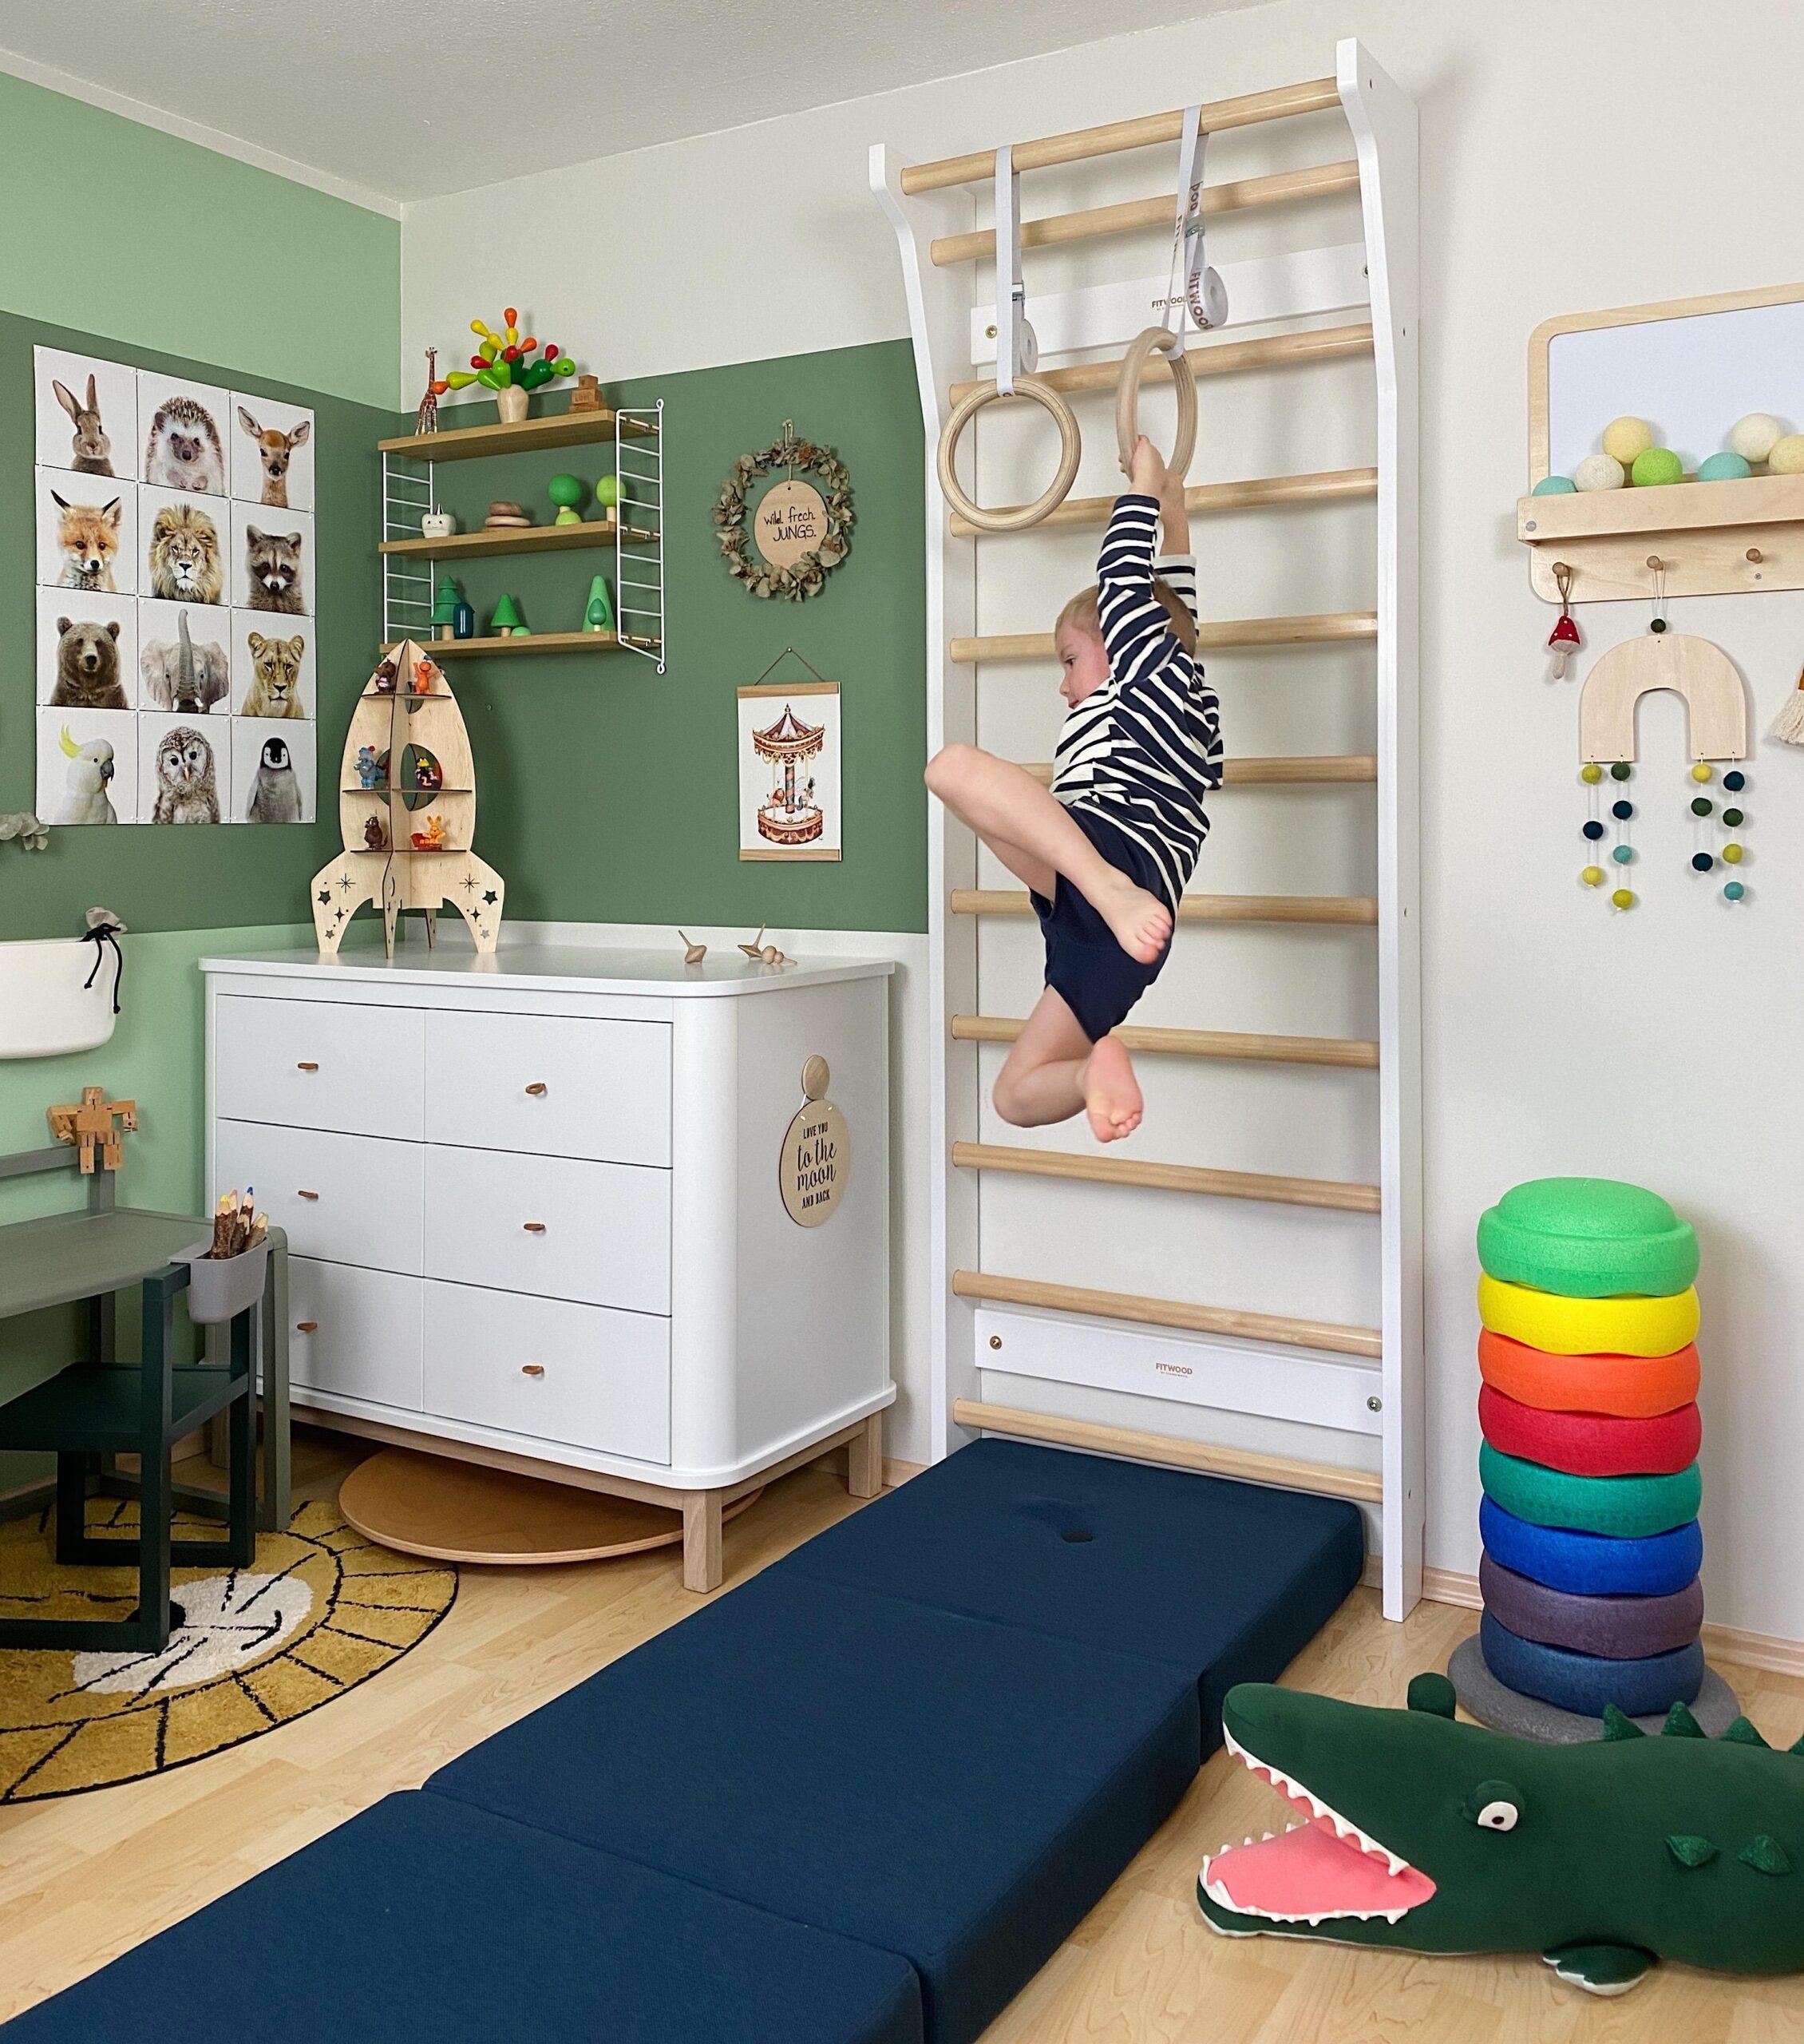 Full Size of Sprossenwand Kinderzimmer Bilder Ideen Couch Sofa Regal Regale Weiß Kinderzimmer Sprossenwand Kinderzimmer